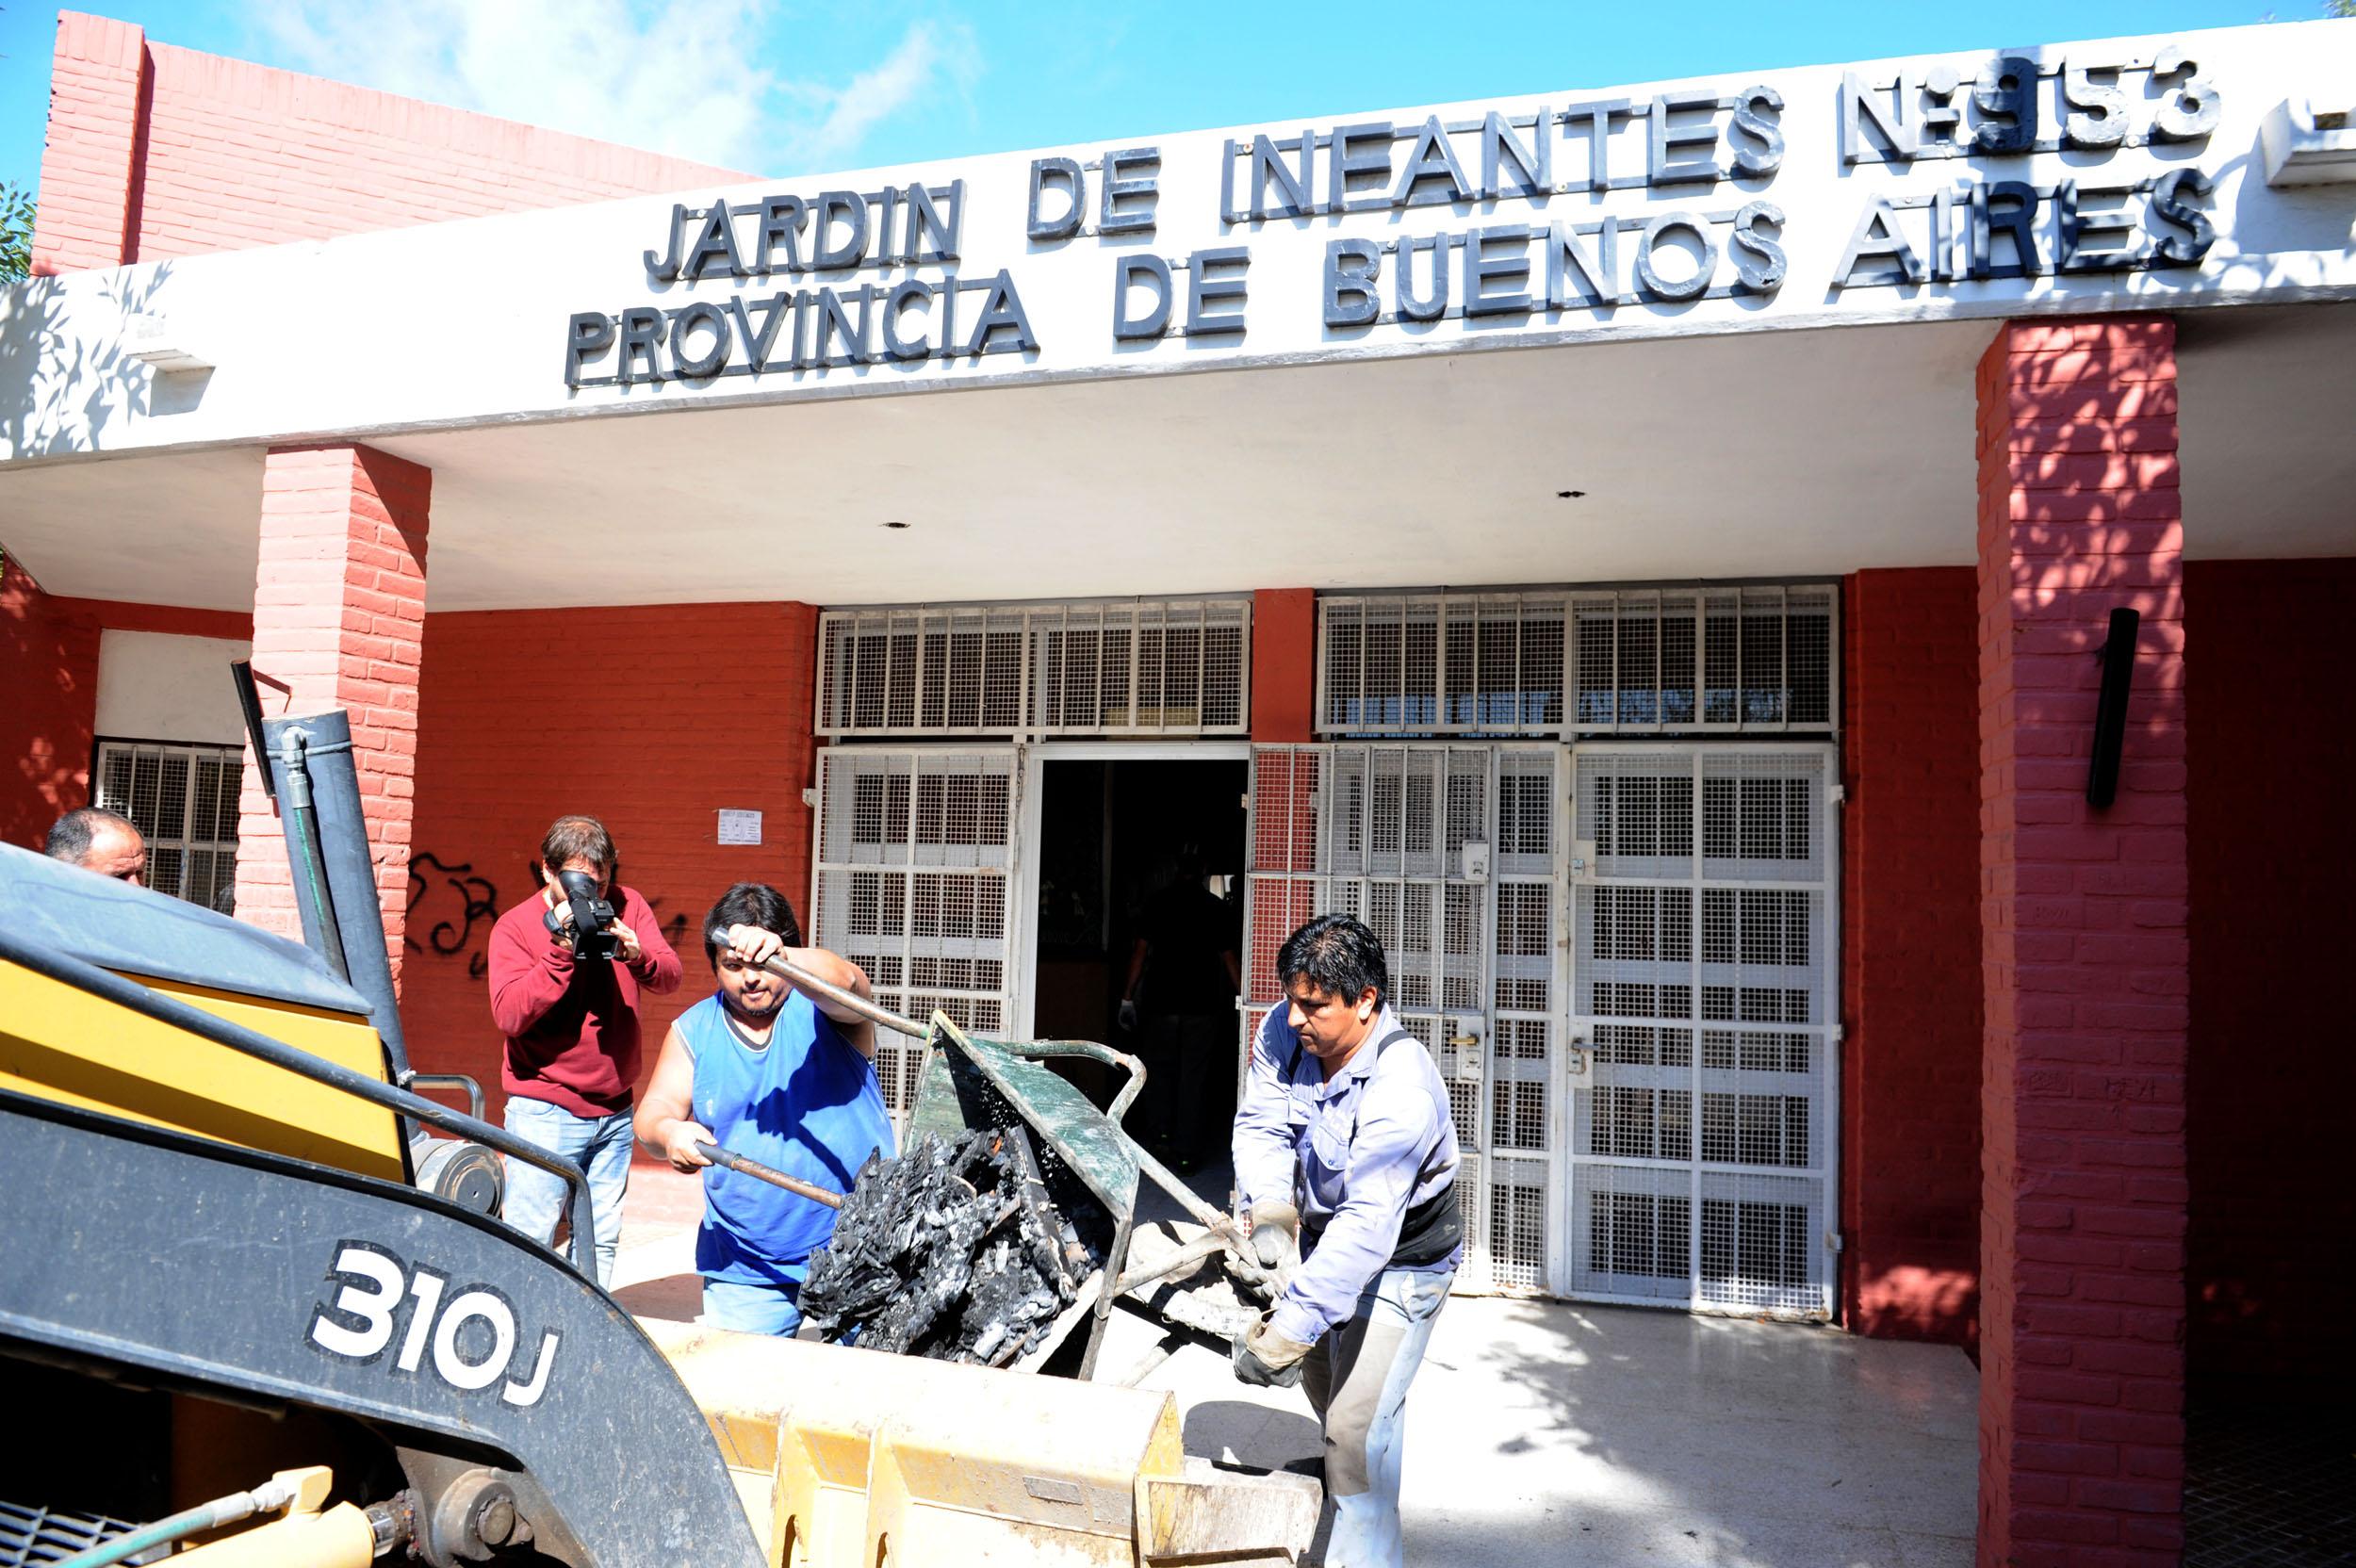 29 marzo- Provincia comenzó los trabajos de reparación en el Jardín 953 de La Matanza 4